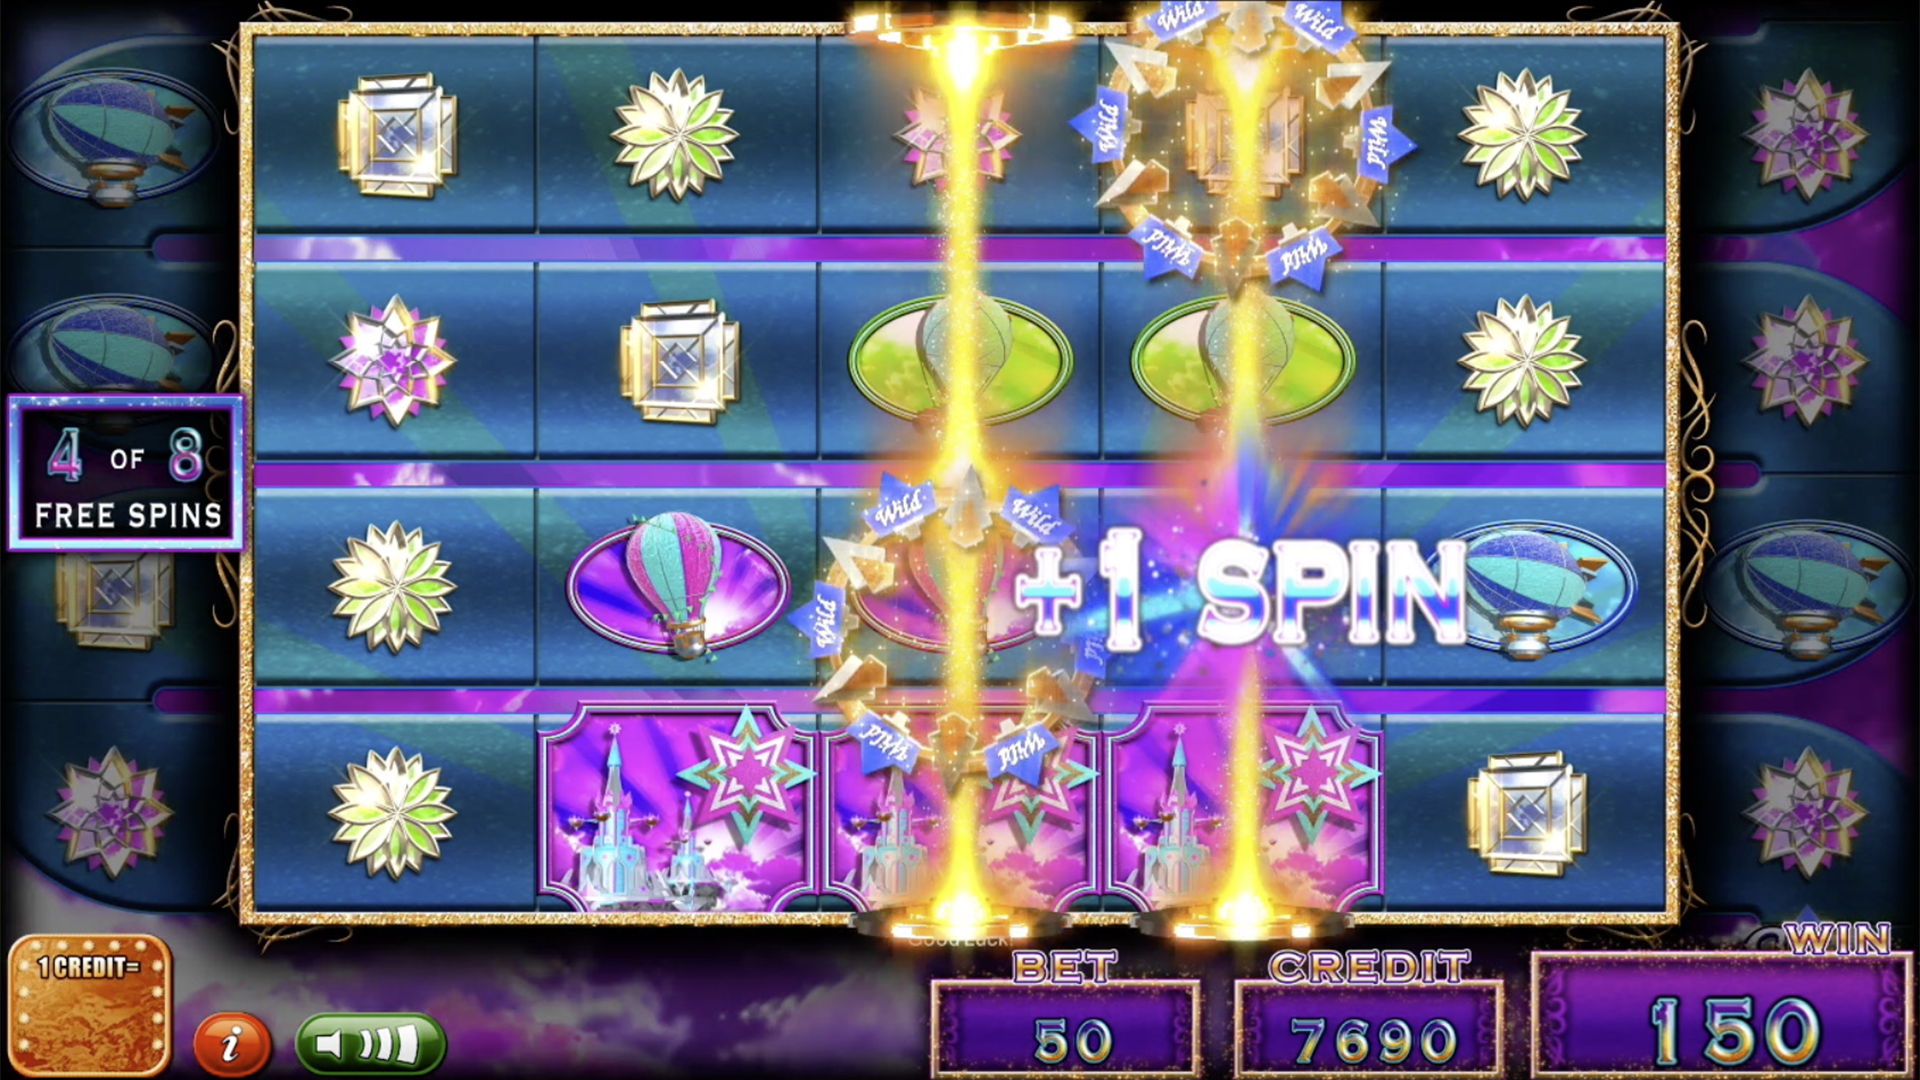 Sunrise Kingdom™ - Sun Spins Bonus